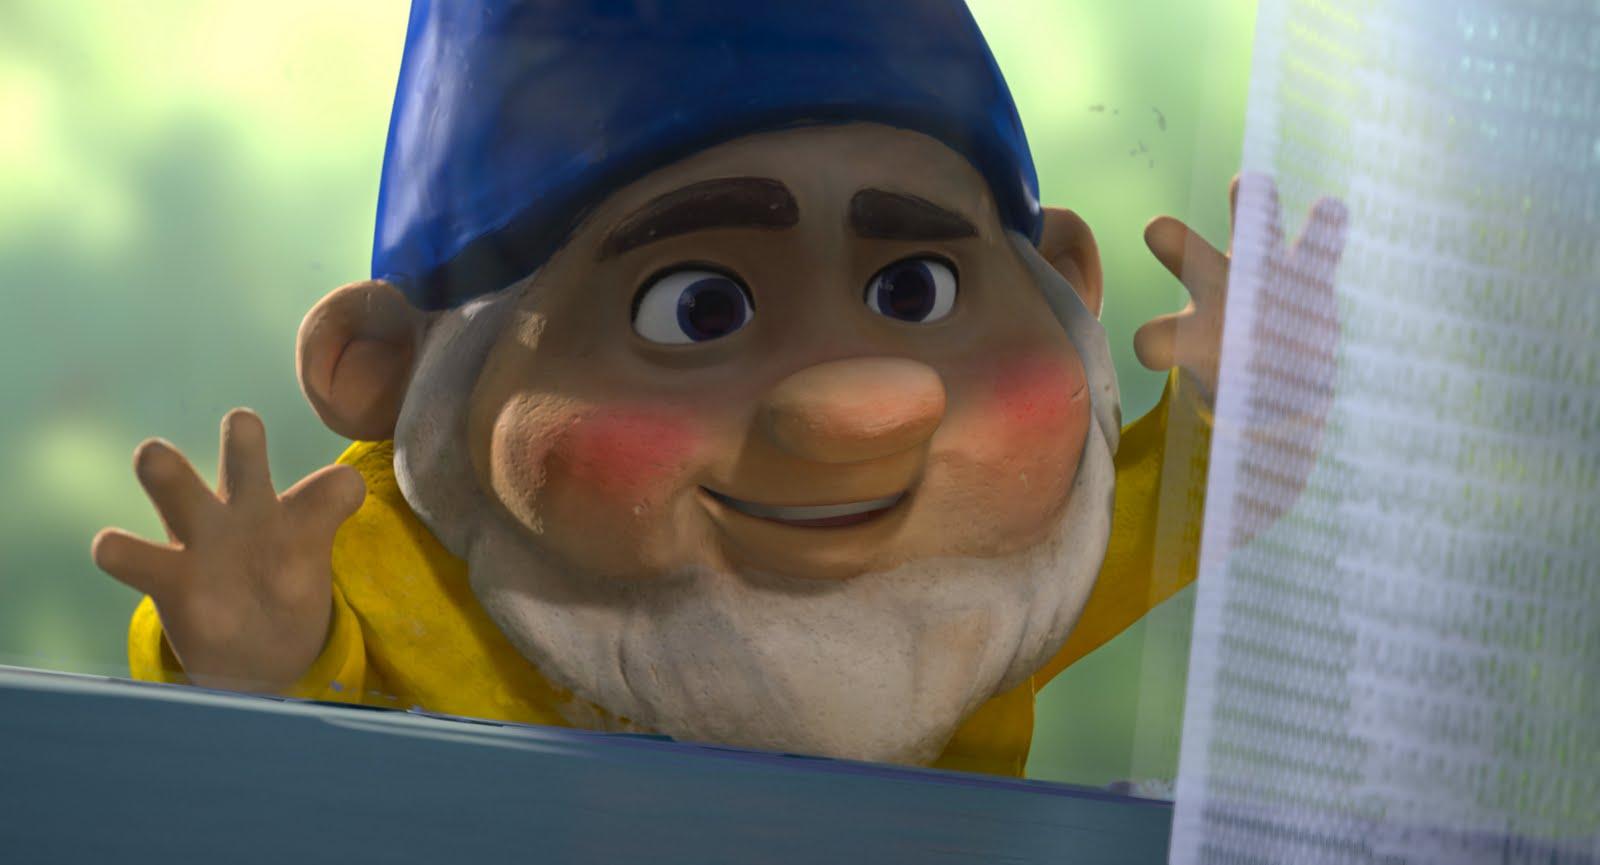 http://4.bp.blogspot.com/-pWbltjwE-w4/TfkyQPXlB3I/AAAAAAAAADM/Bl1B73CTTII/s1600/gnomeo-juliet-41.jpg